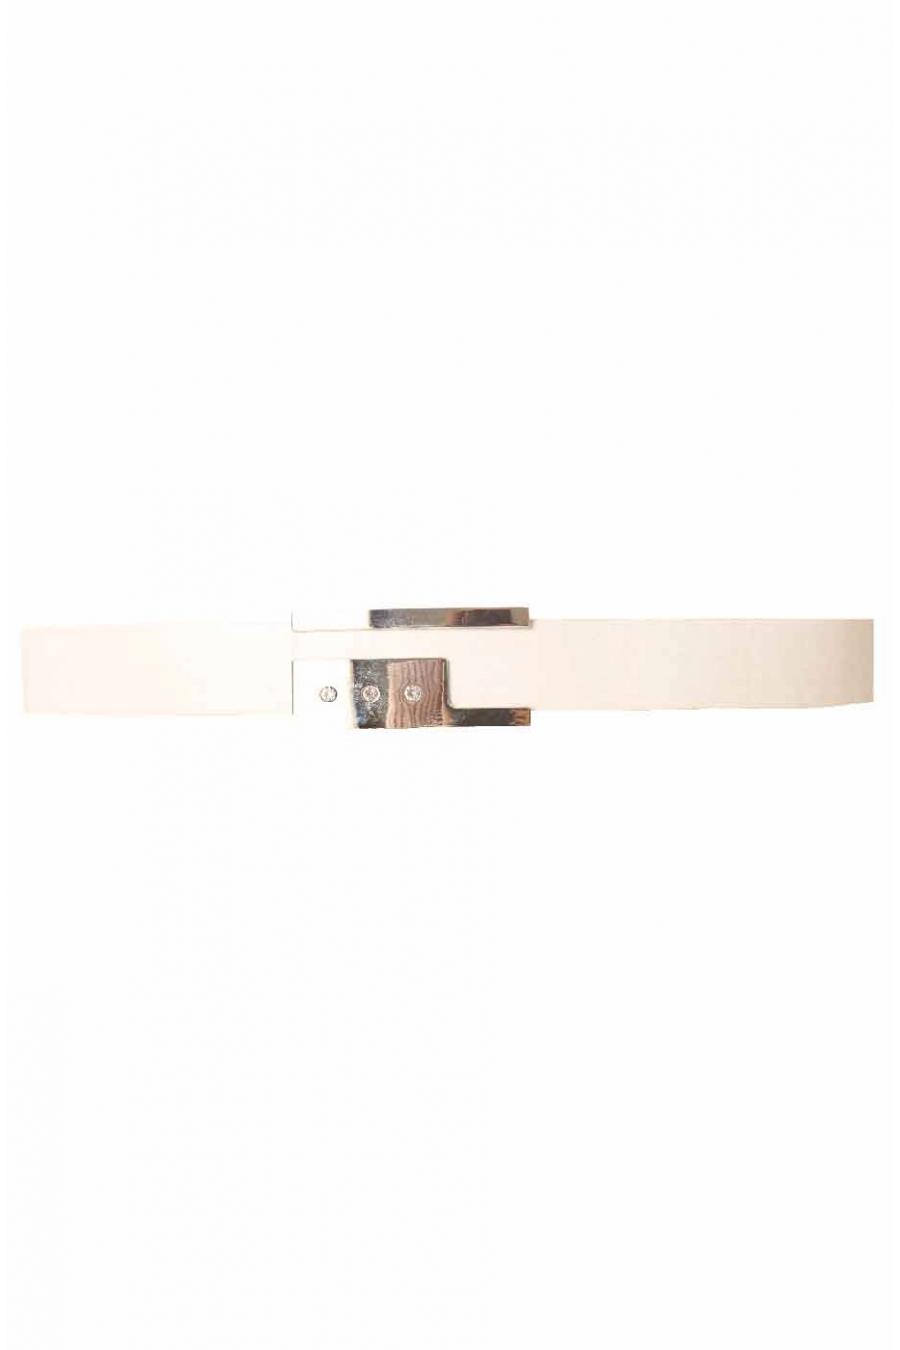 Ceinture Blanche, boucle rectangulaire avec strass BG 0236